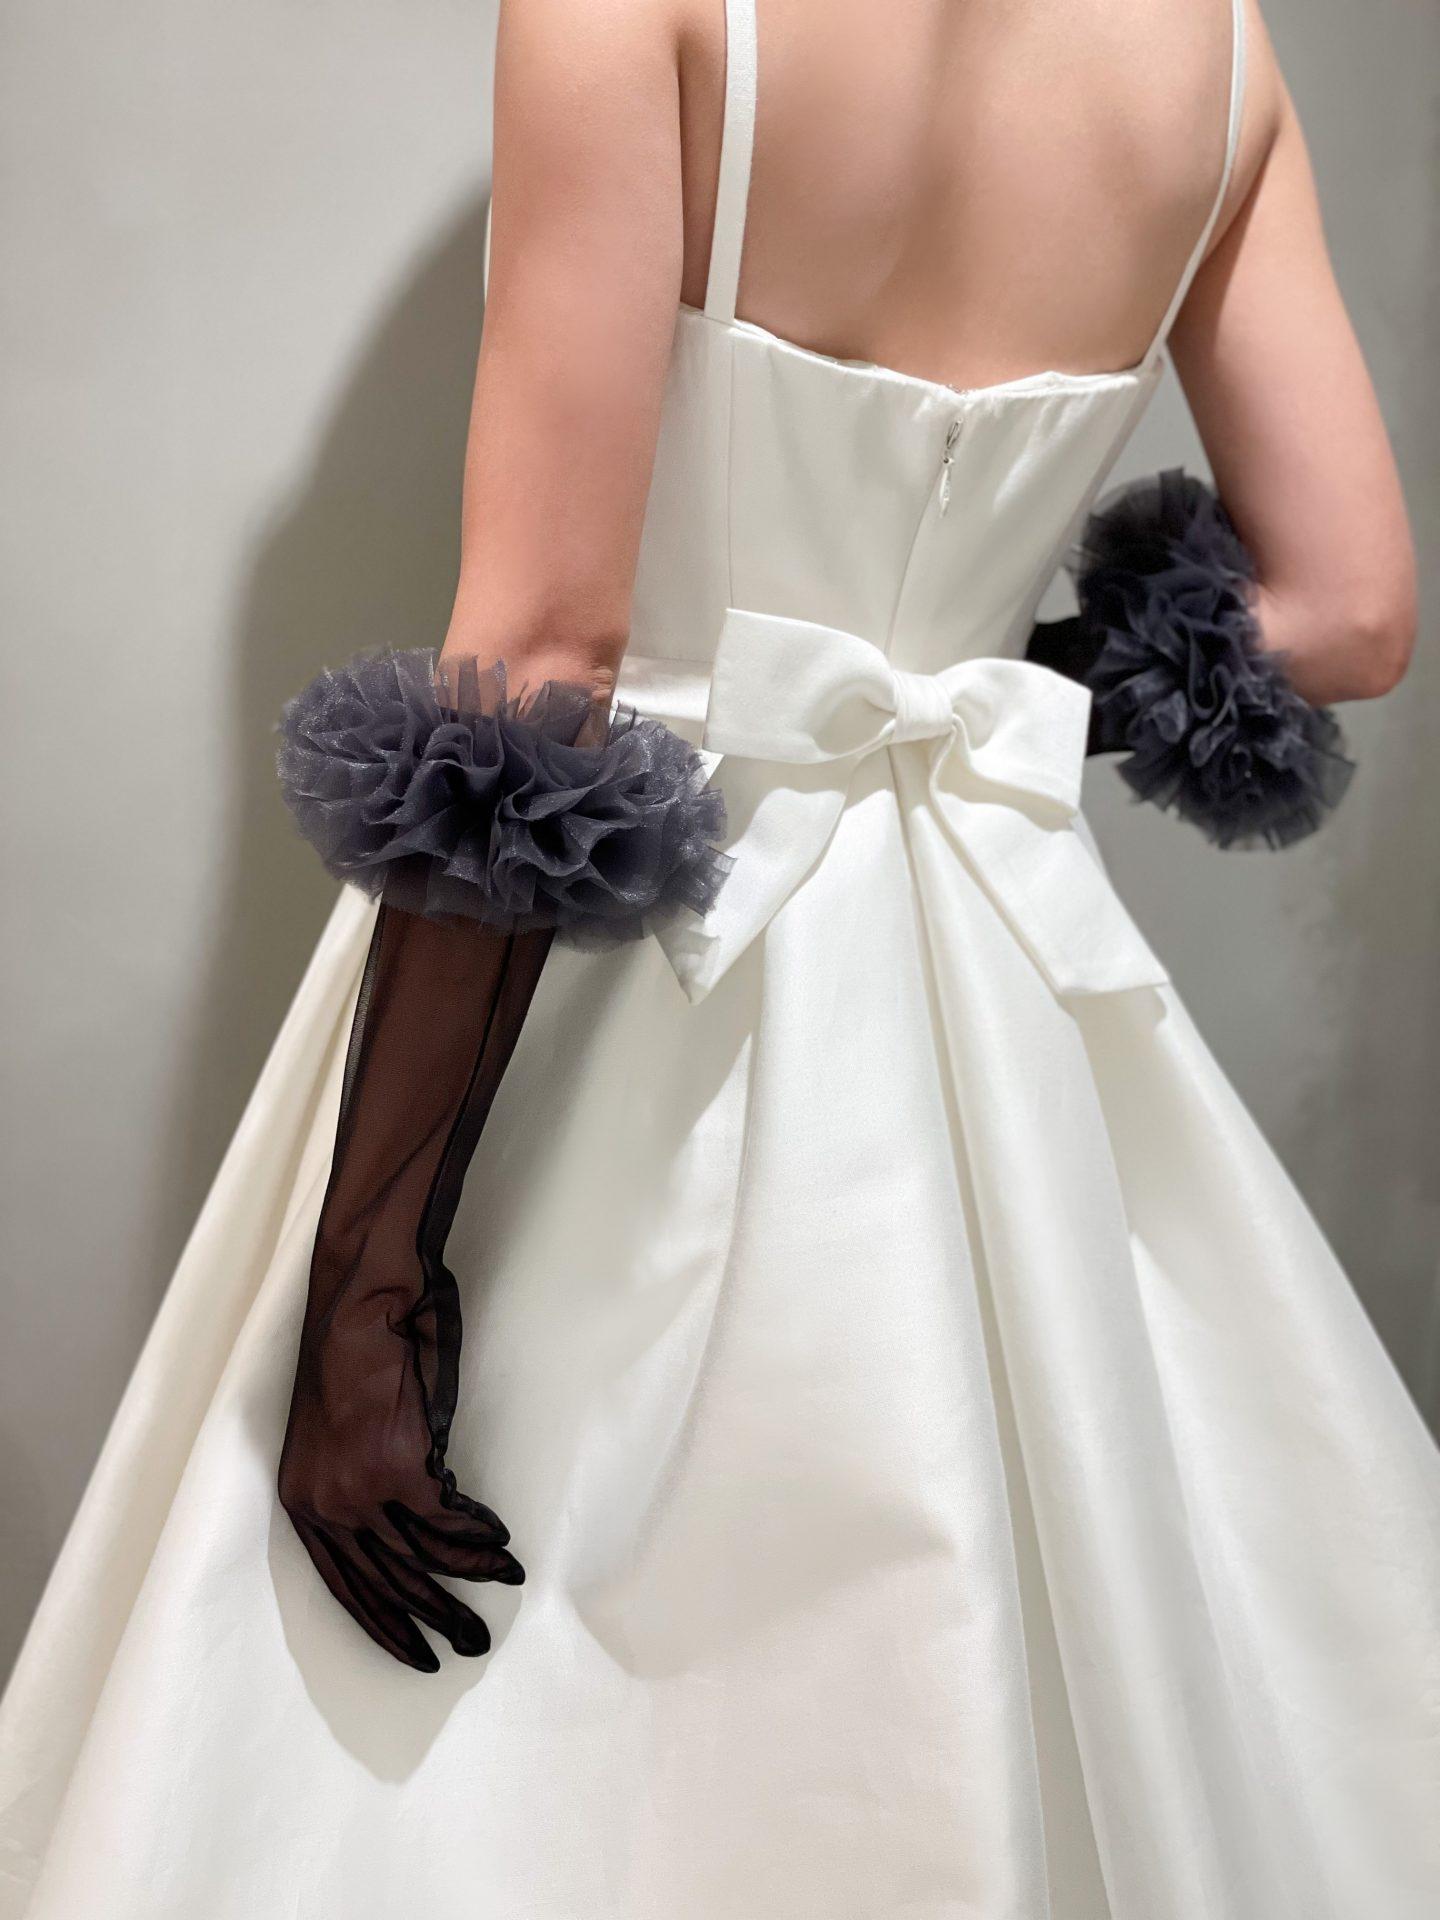 バックスタイルが美しいキャロリーナヘレラのウェディングドレスのコーディネートには黒のグローブを合わせて